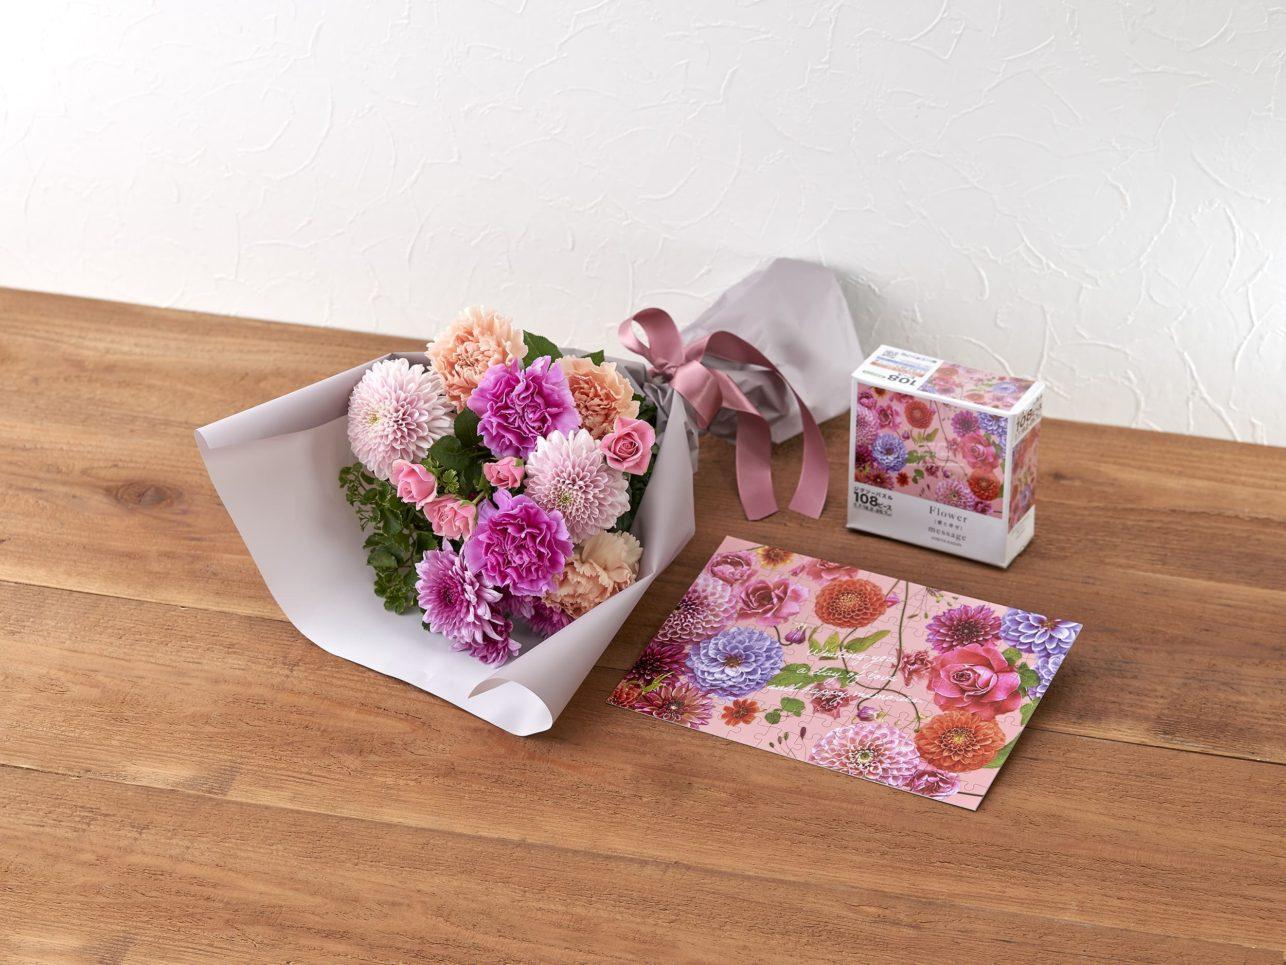 〜おうち時間を楽しめる敬老の日ギフトとしてもおすすめ〜日比谷花壇監修オリジナル花柄のパズルと花束のセット